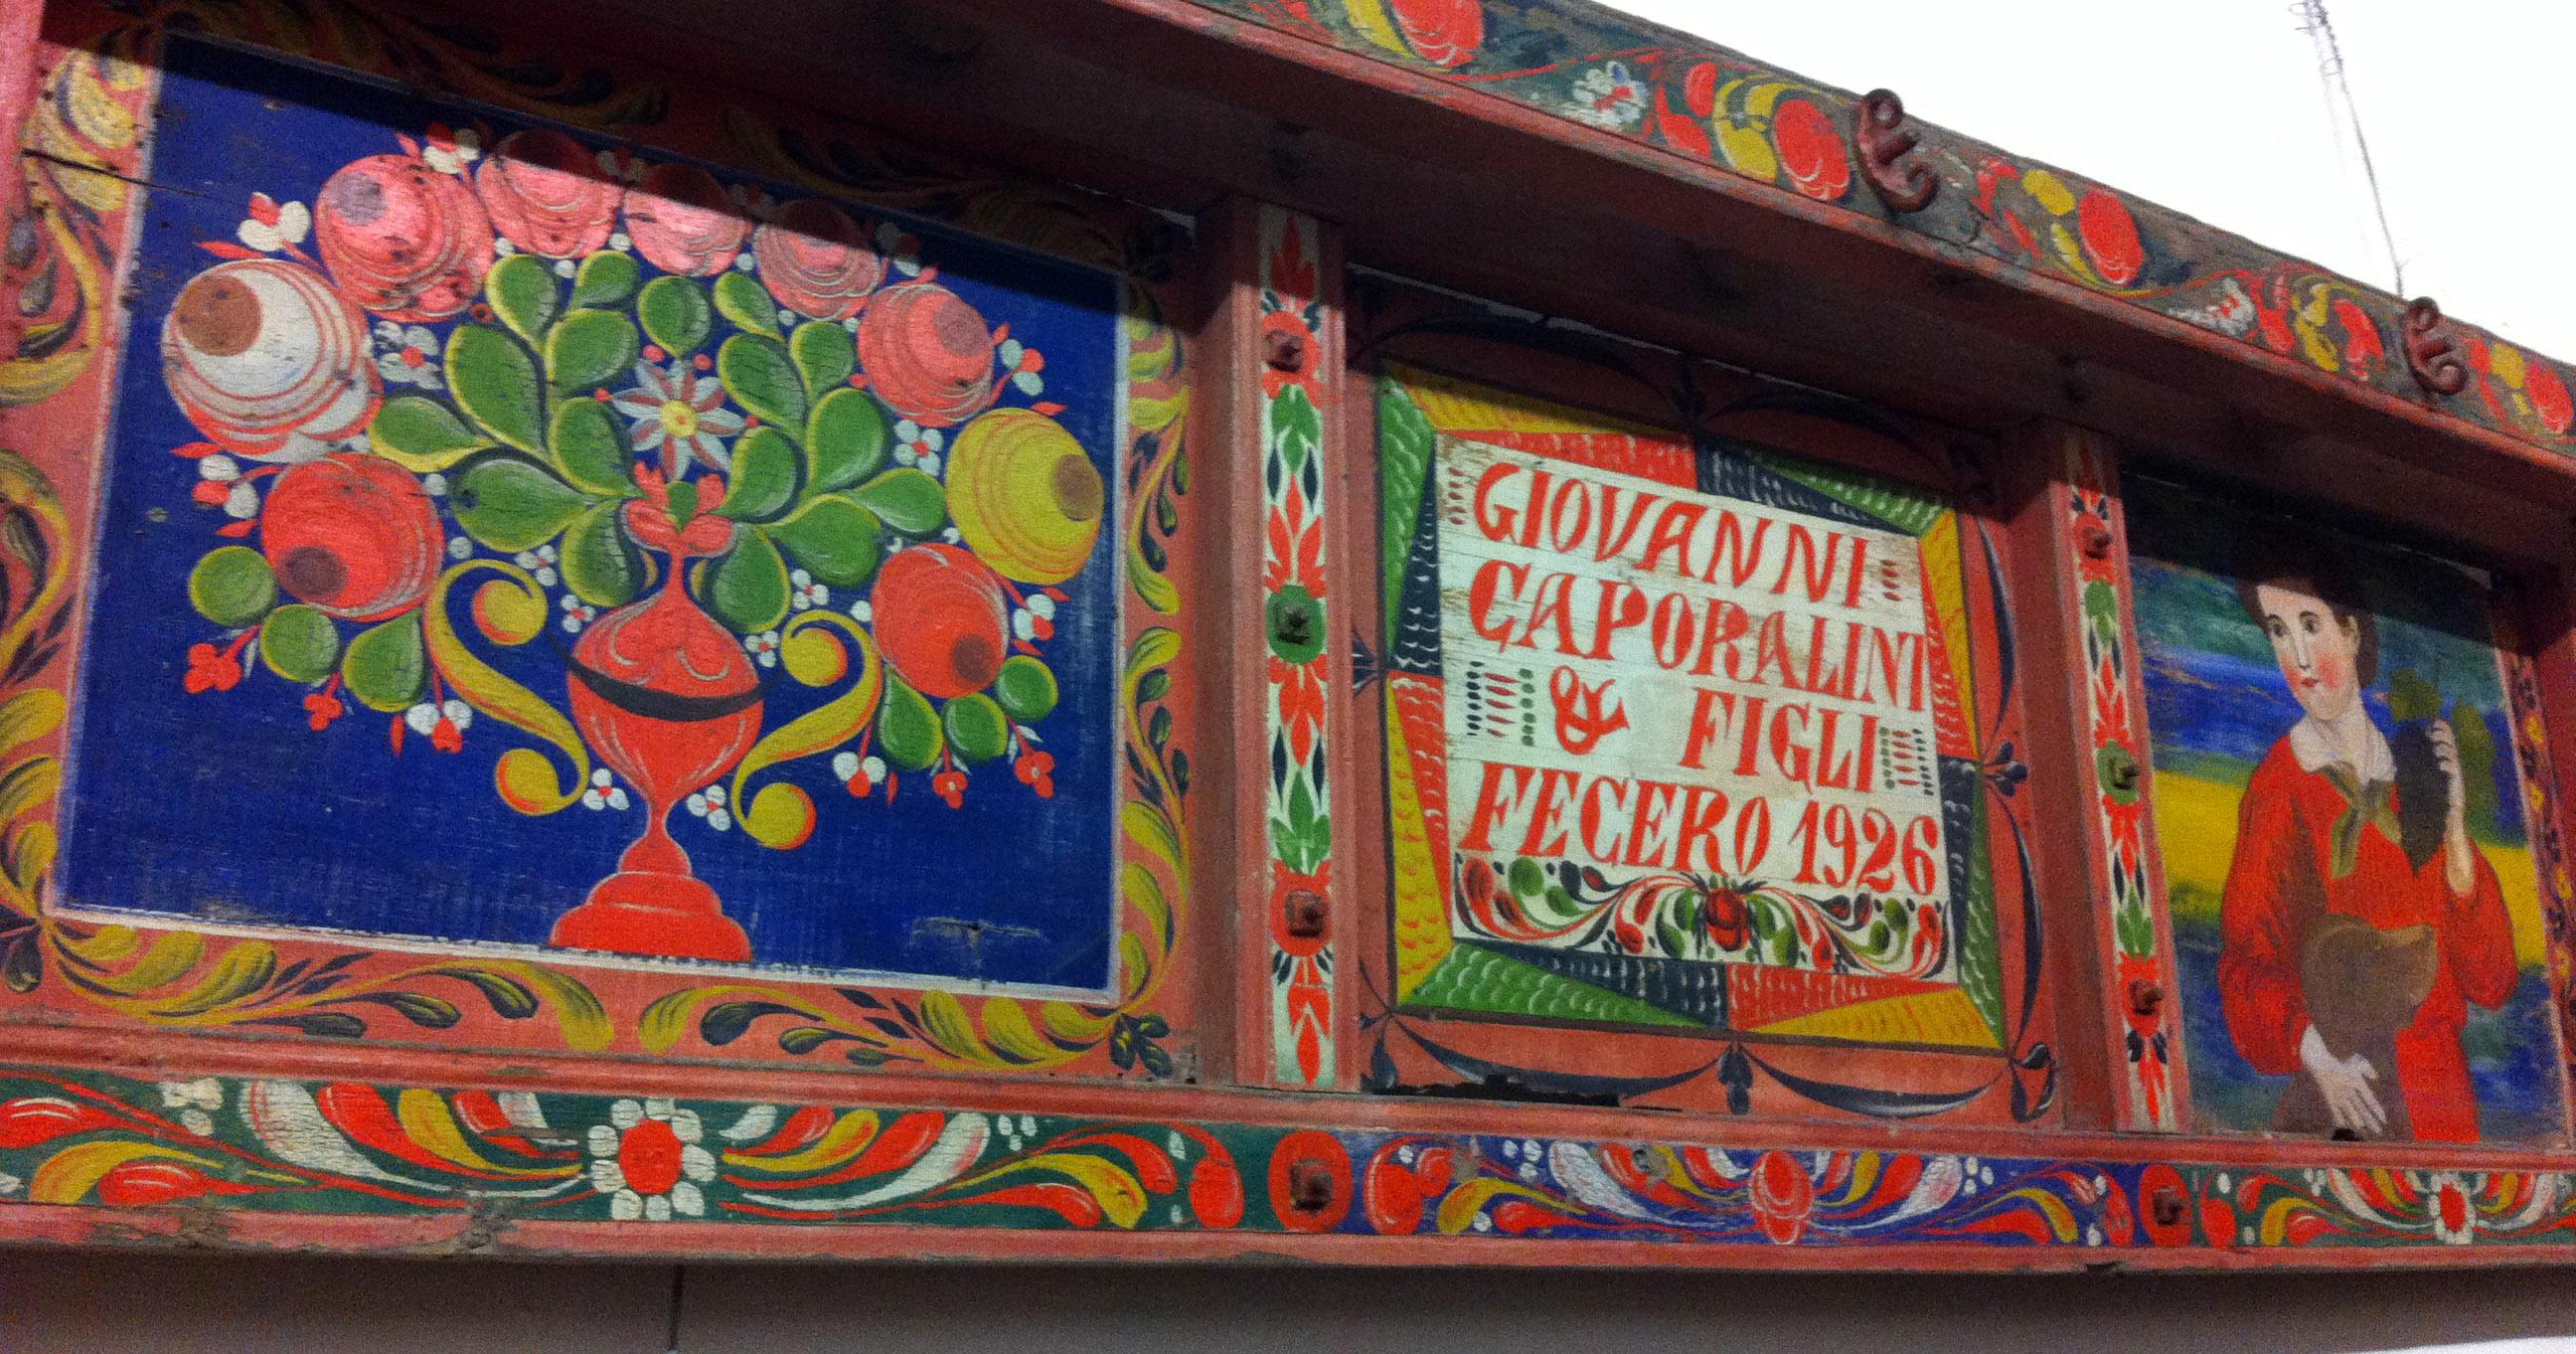 Tavola laterale decorativa del biroccio.